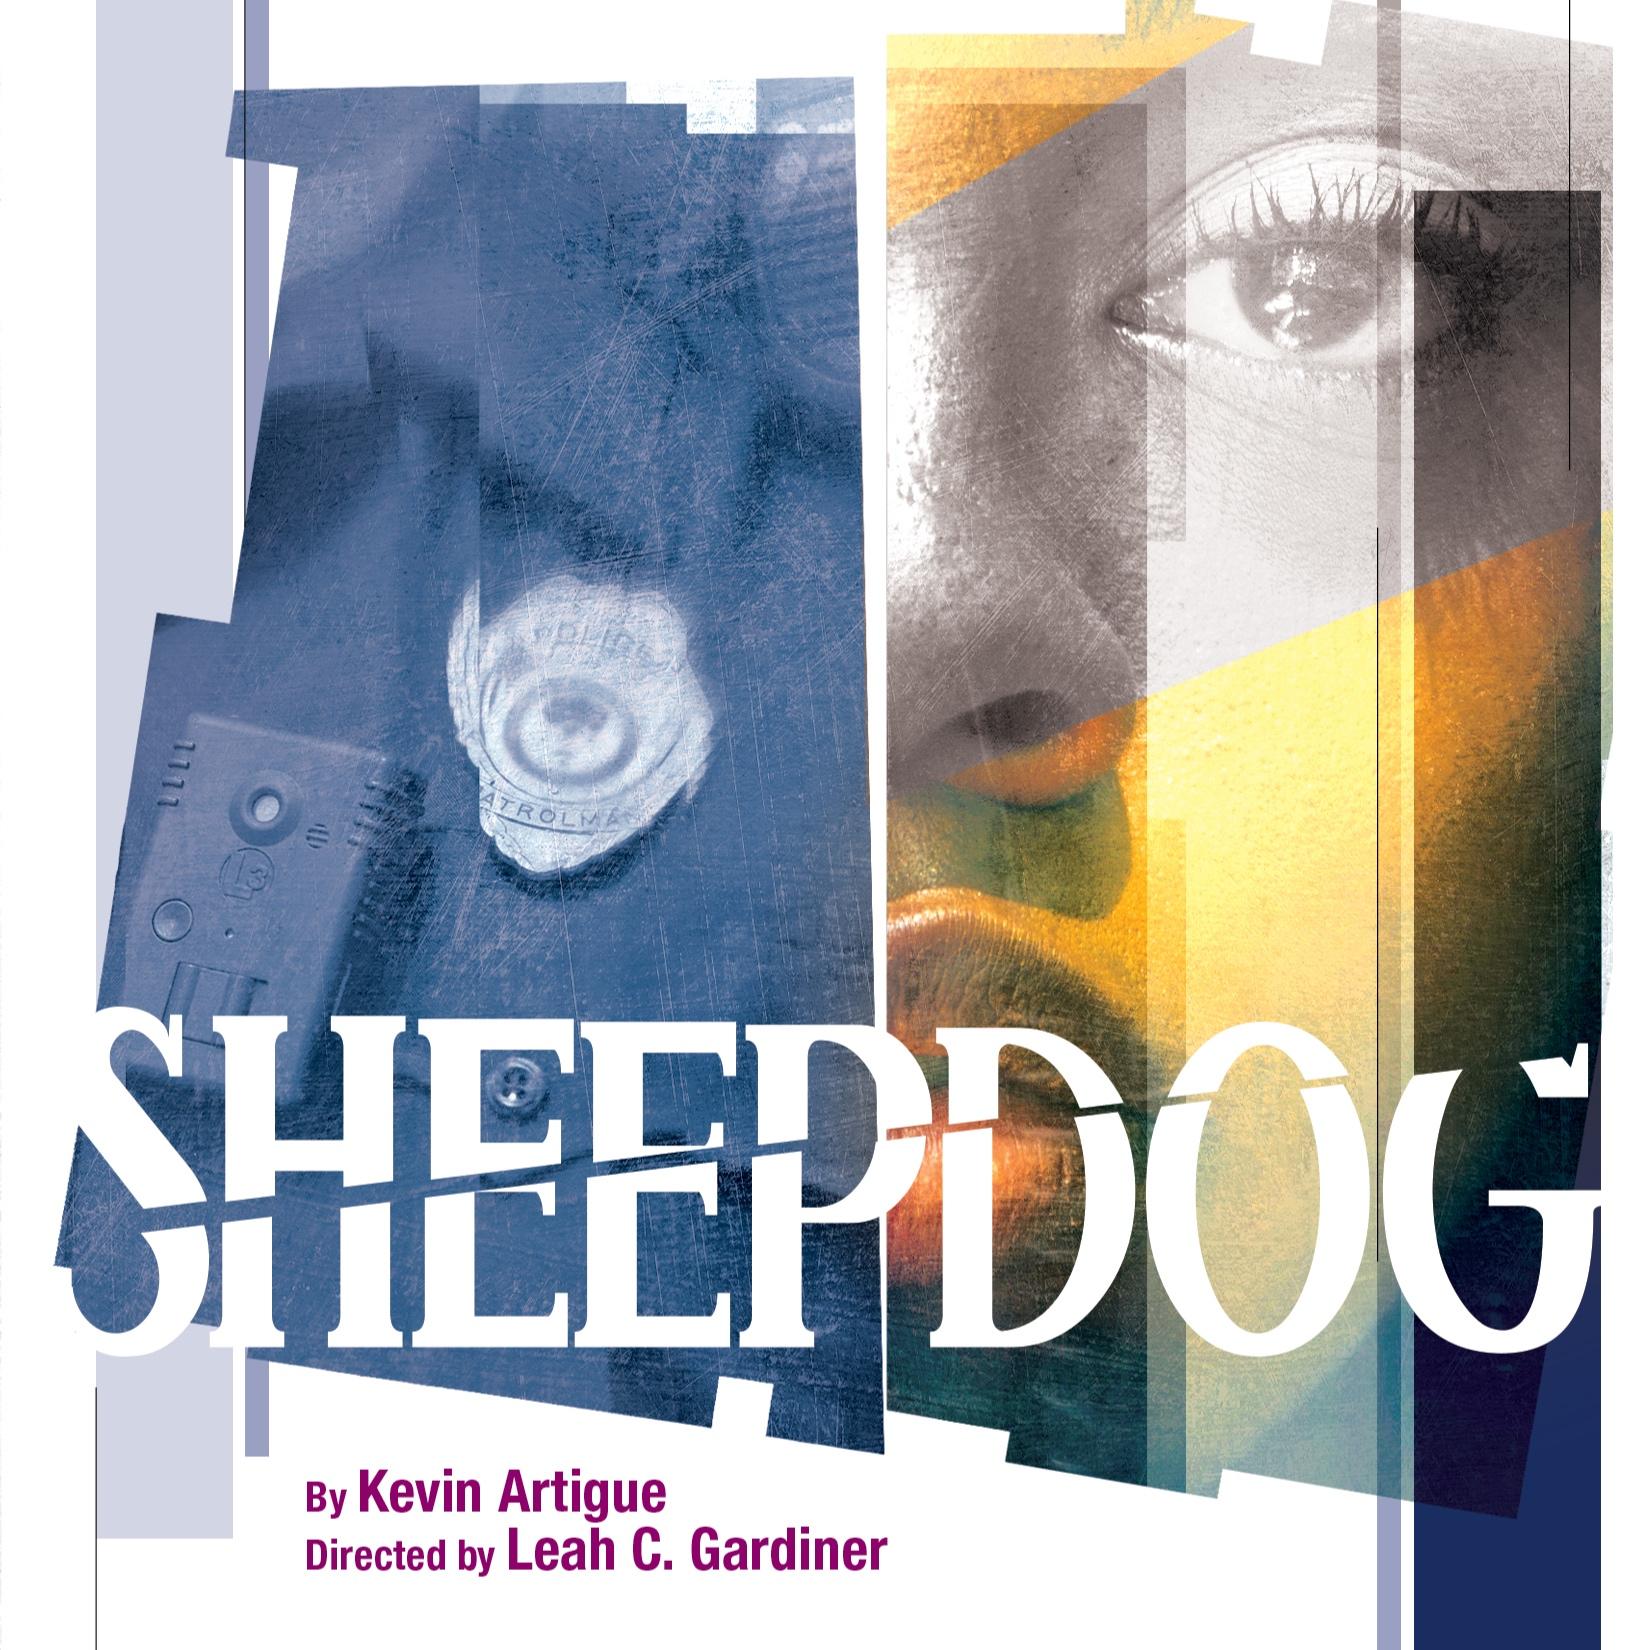 1819-show_art-sheepdog.jpg